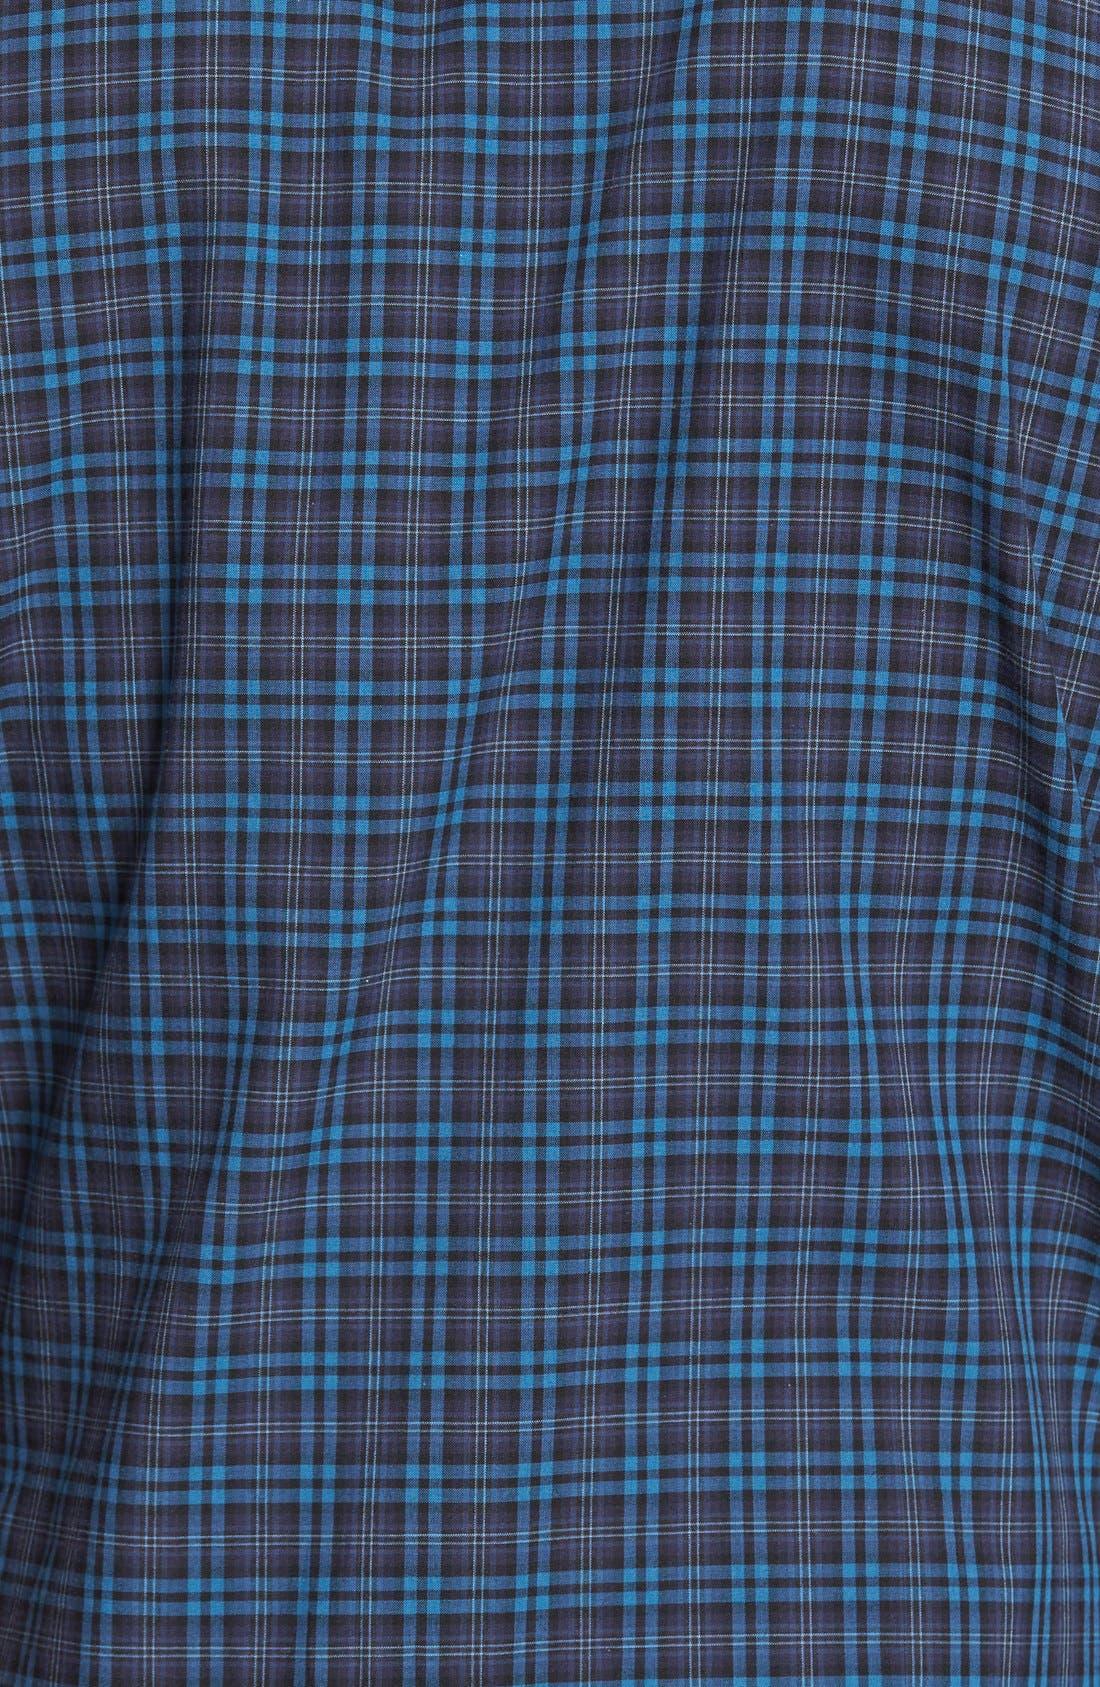 Adler Trim Fit Plaid Sport Shirt,                             Alternate thumbnail 5, color,                             Blue